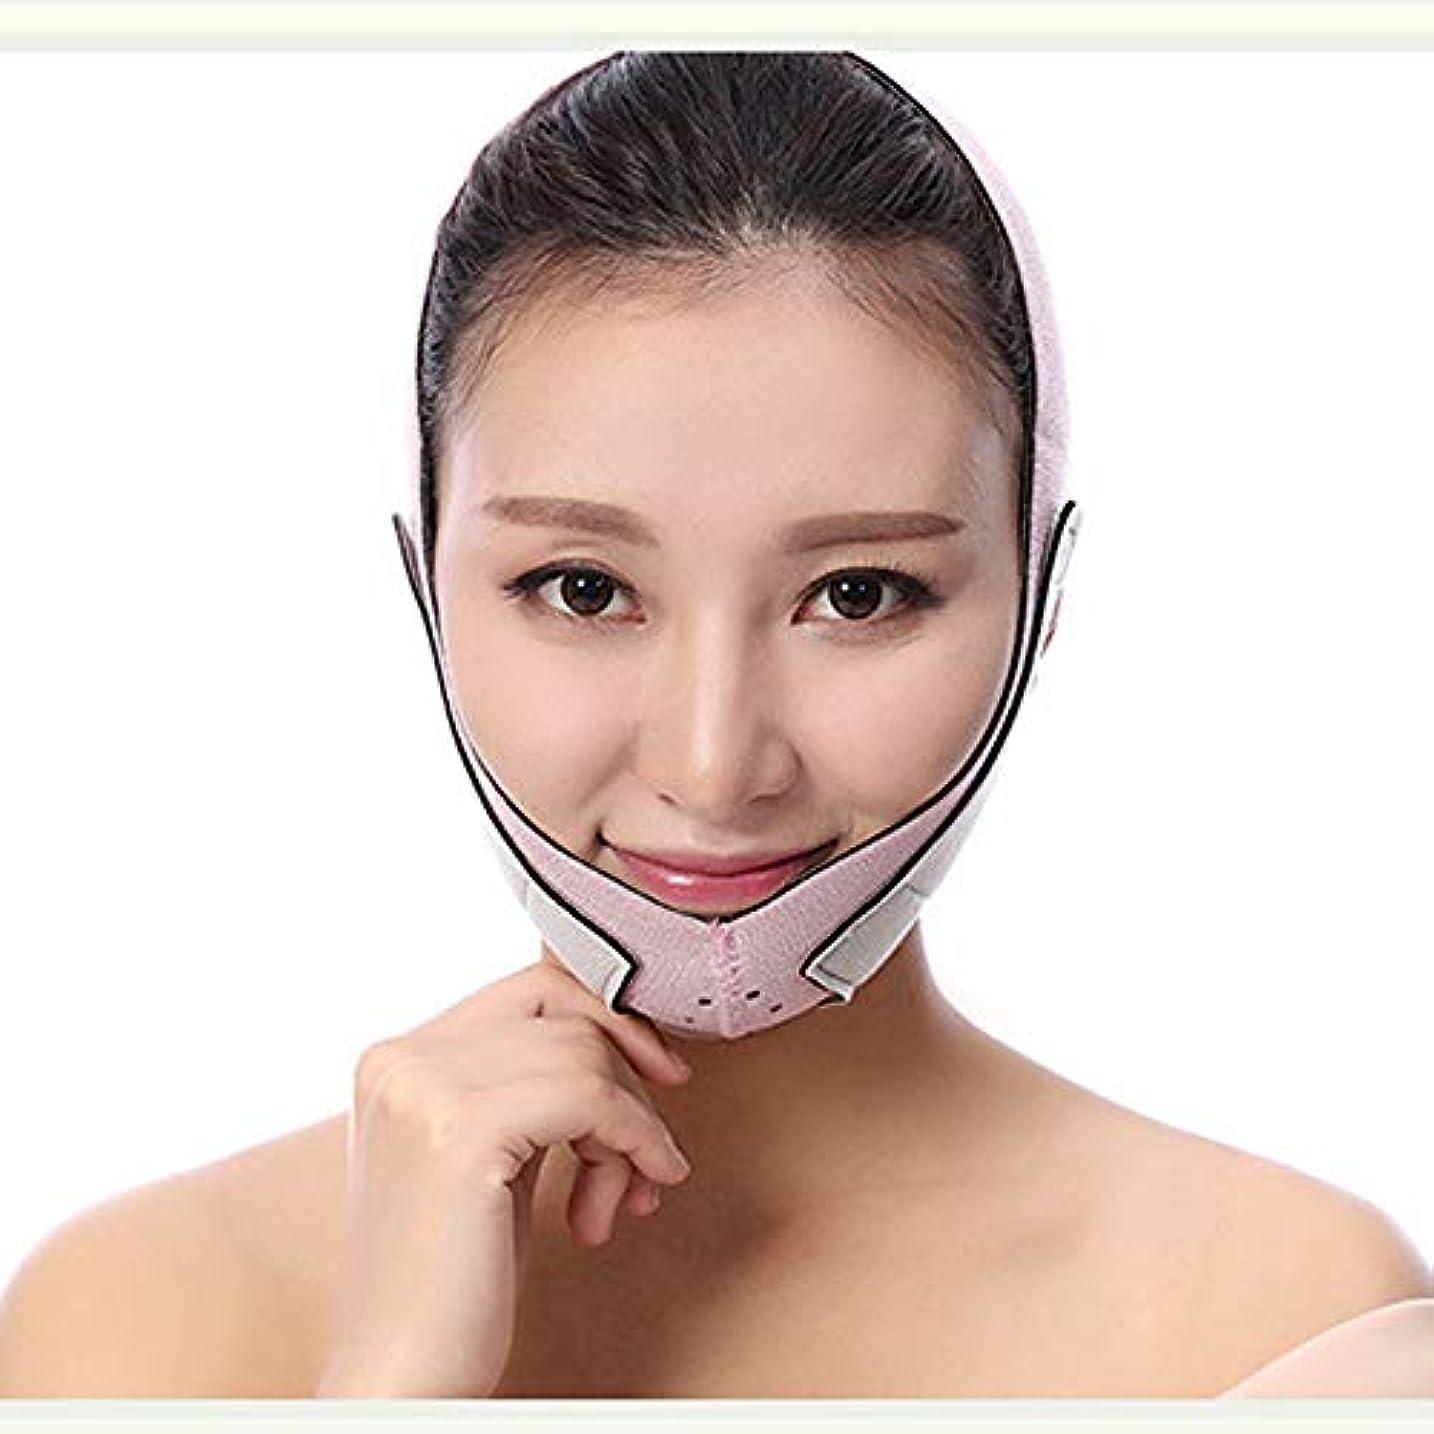 参照検証ピンポイントユニセックス薄型フェイス包帯、美容リフト引き締めサイズVフェイスダブルあご睡眠マスク(ピンク)